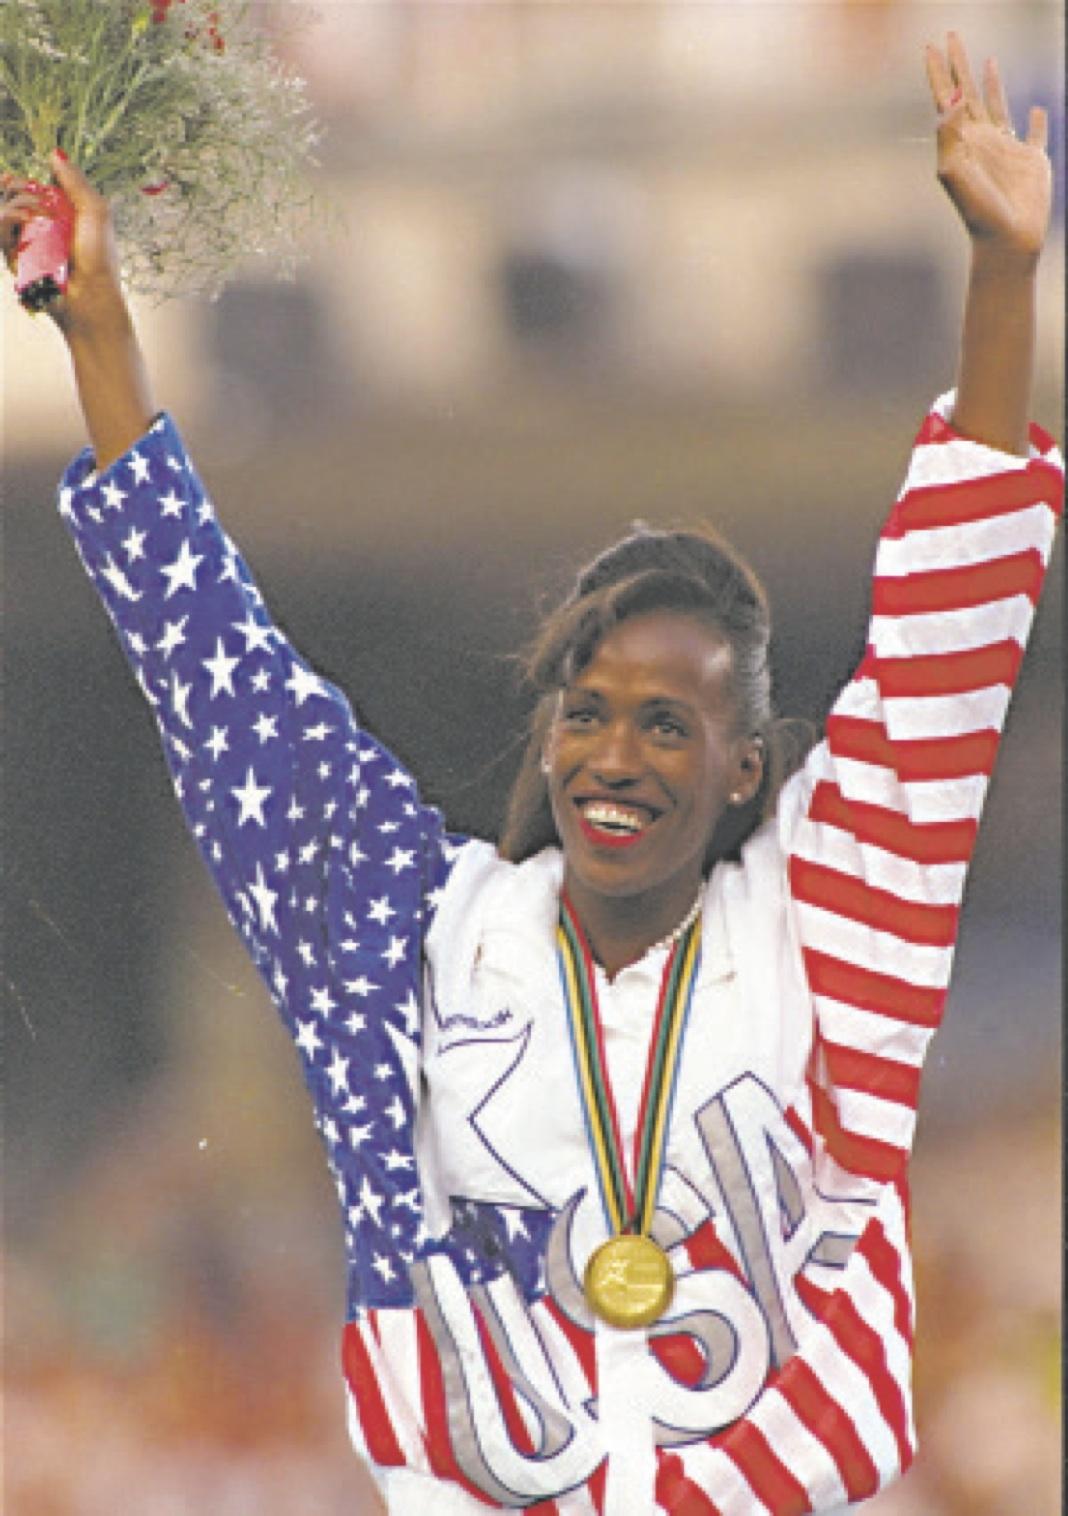 Watch Jackie Joyner-Kersee 6 Olympic medals video